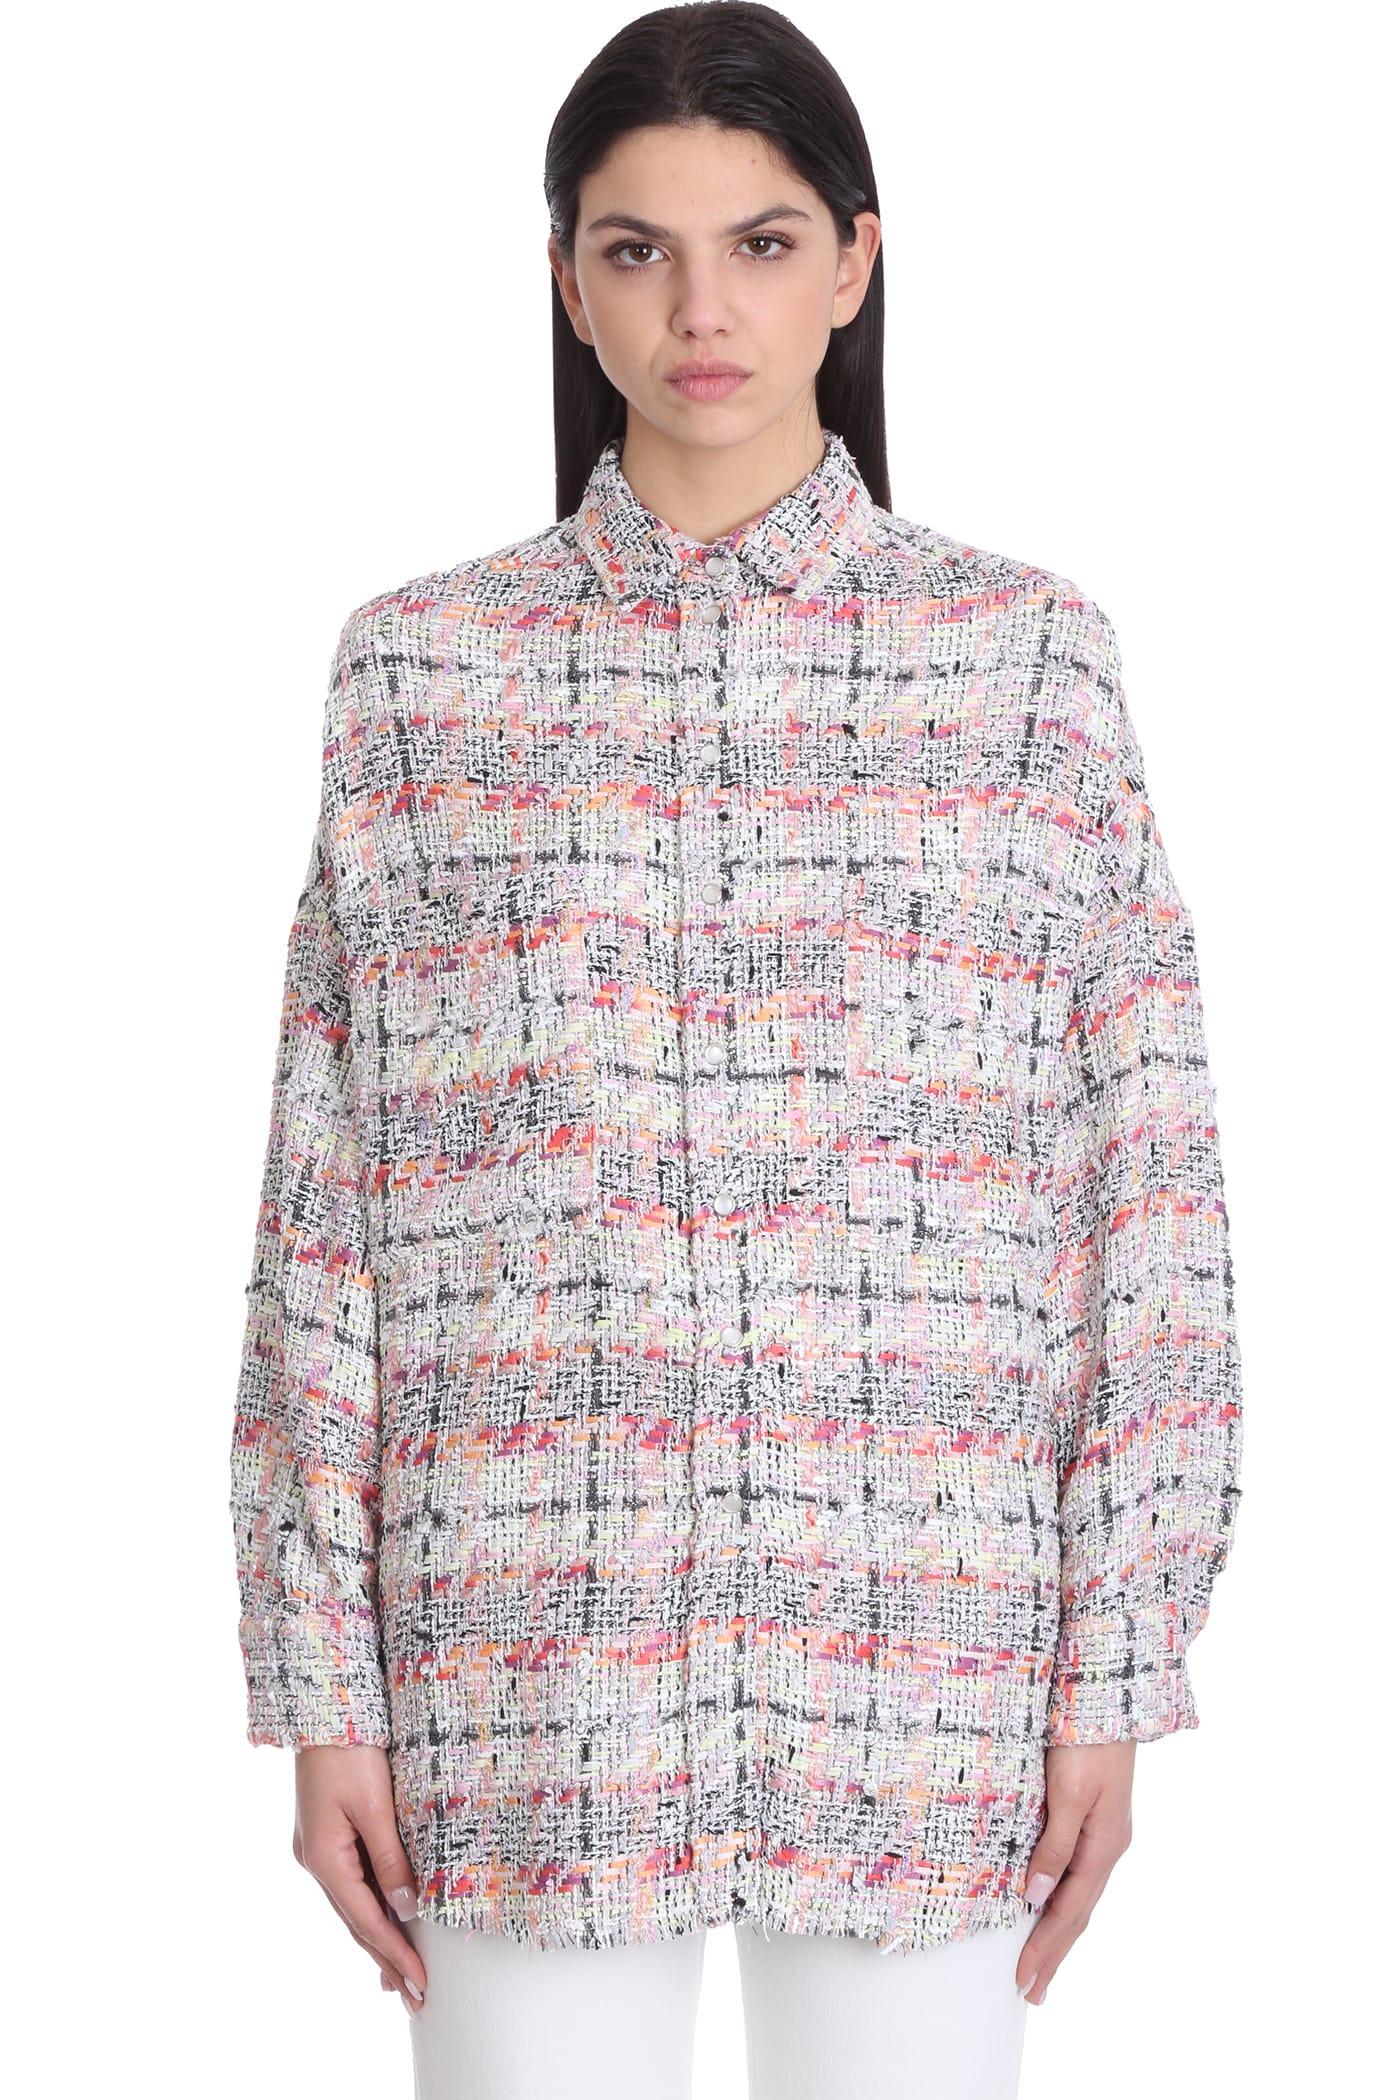 IRO Mekkie Shirt In Rose-pink Cotton And Linen